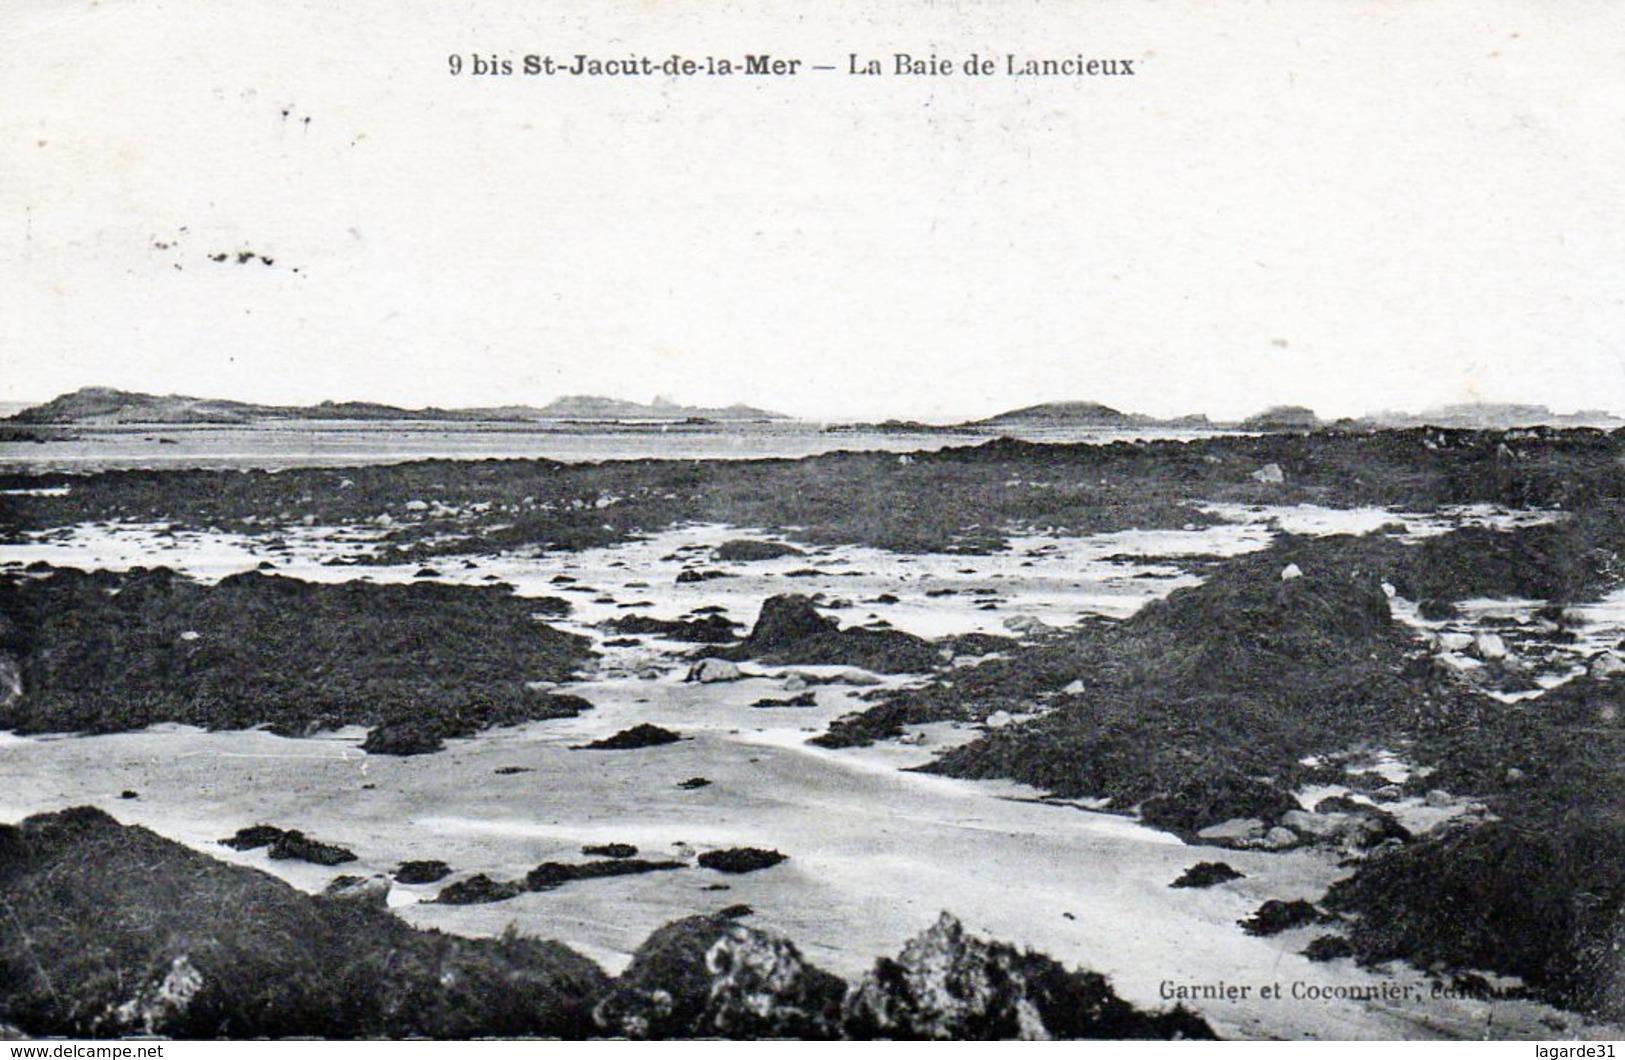 22 - SAINT-JACUT-DE-LA-MER.La Baie De Lancieux - Saint-Jacut-de-la-Mer